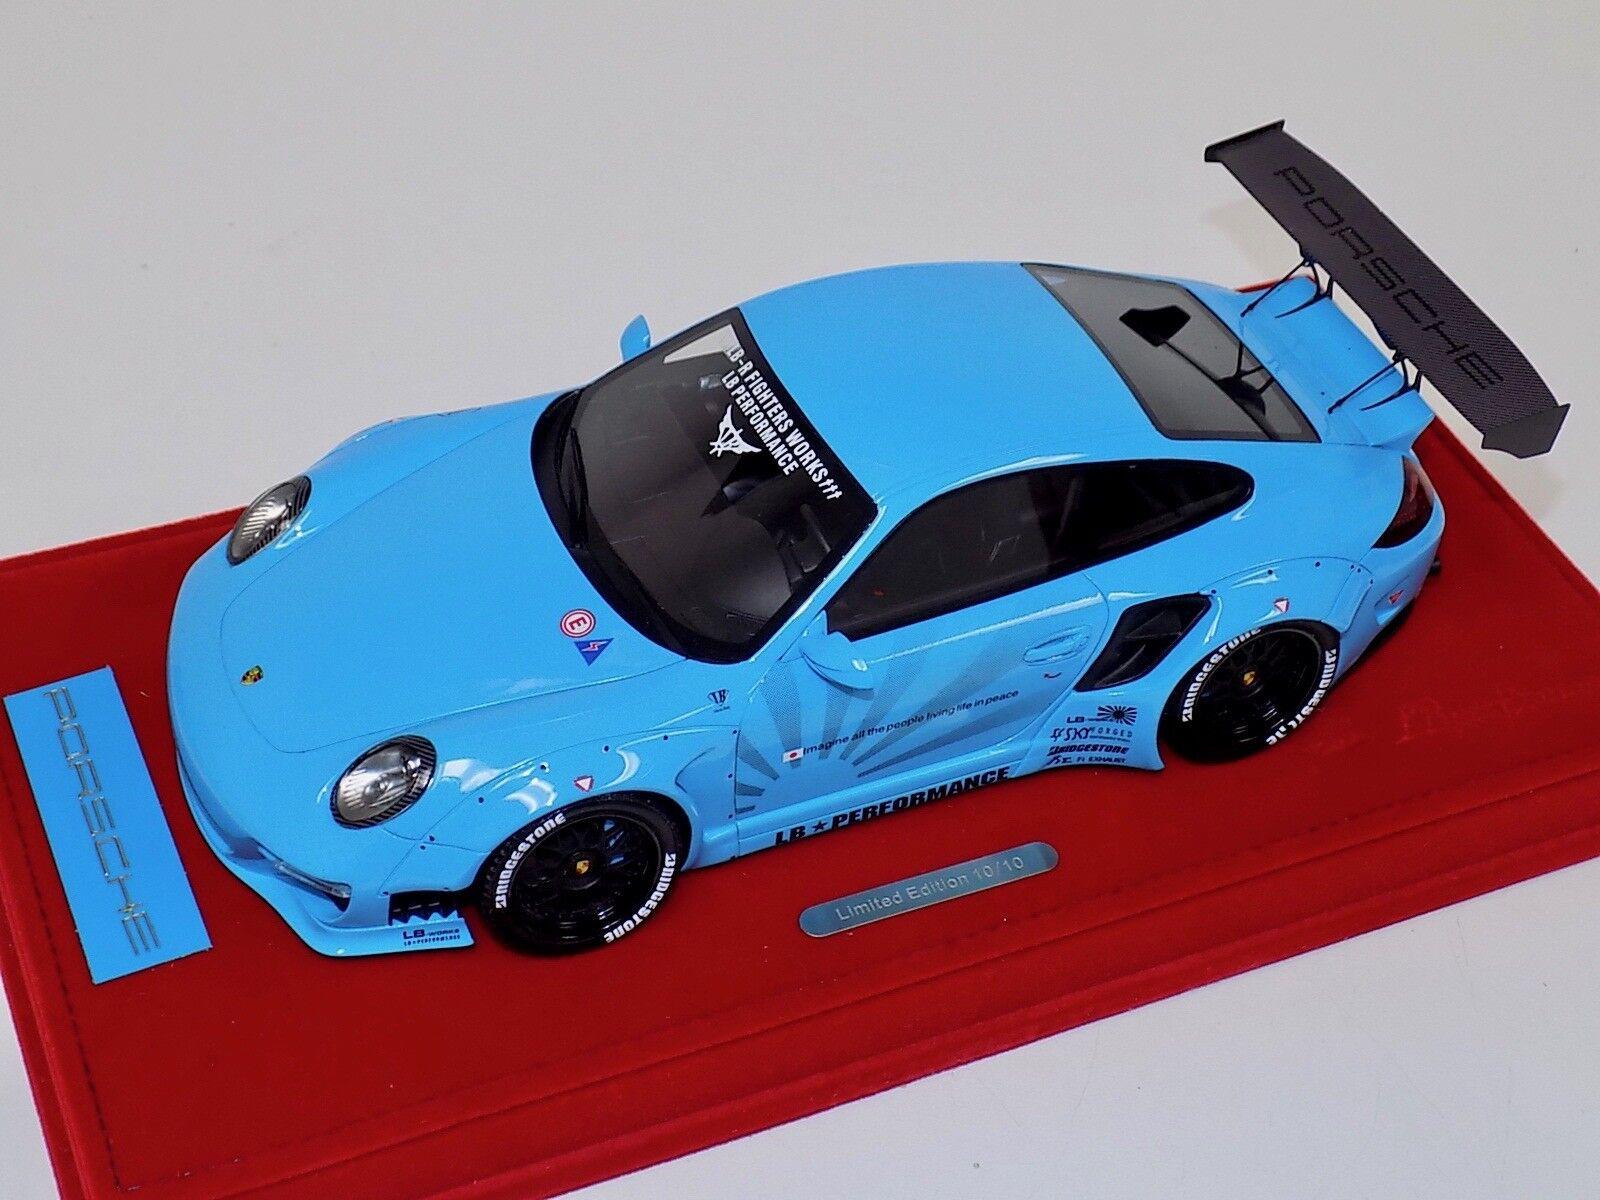 1 18 AB MODELS PORSCHE 911 Liberty Walk LB Performance Baby bleu decals 02 A